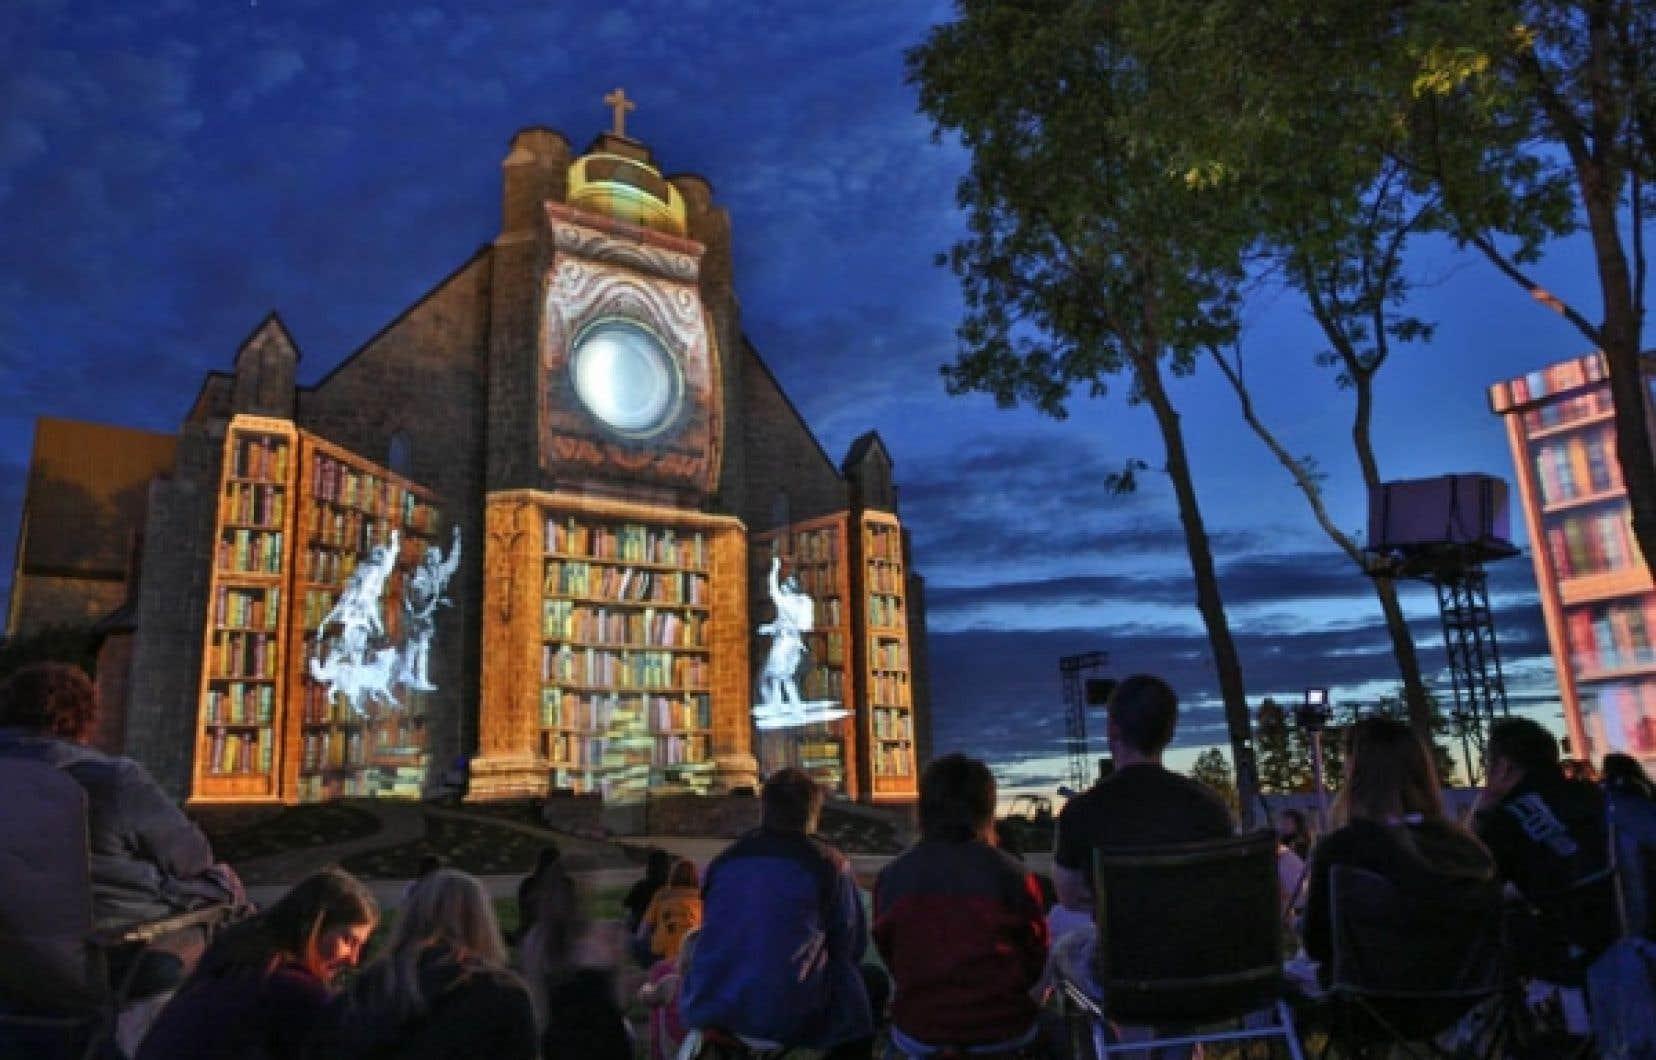 Le spectacle multisensoriel Fresque de nuit est projeté sur la façade de la cathédrale de Mont-Laurier et le décor environnant.